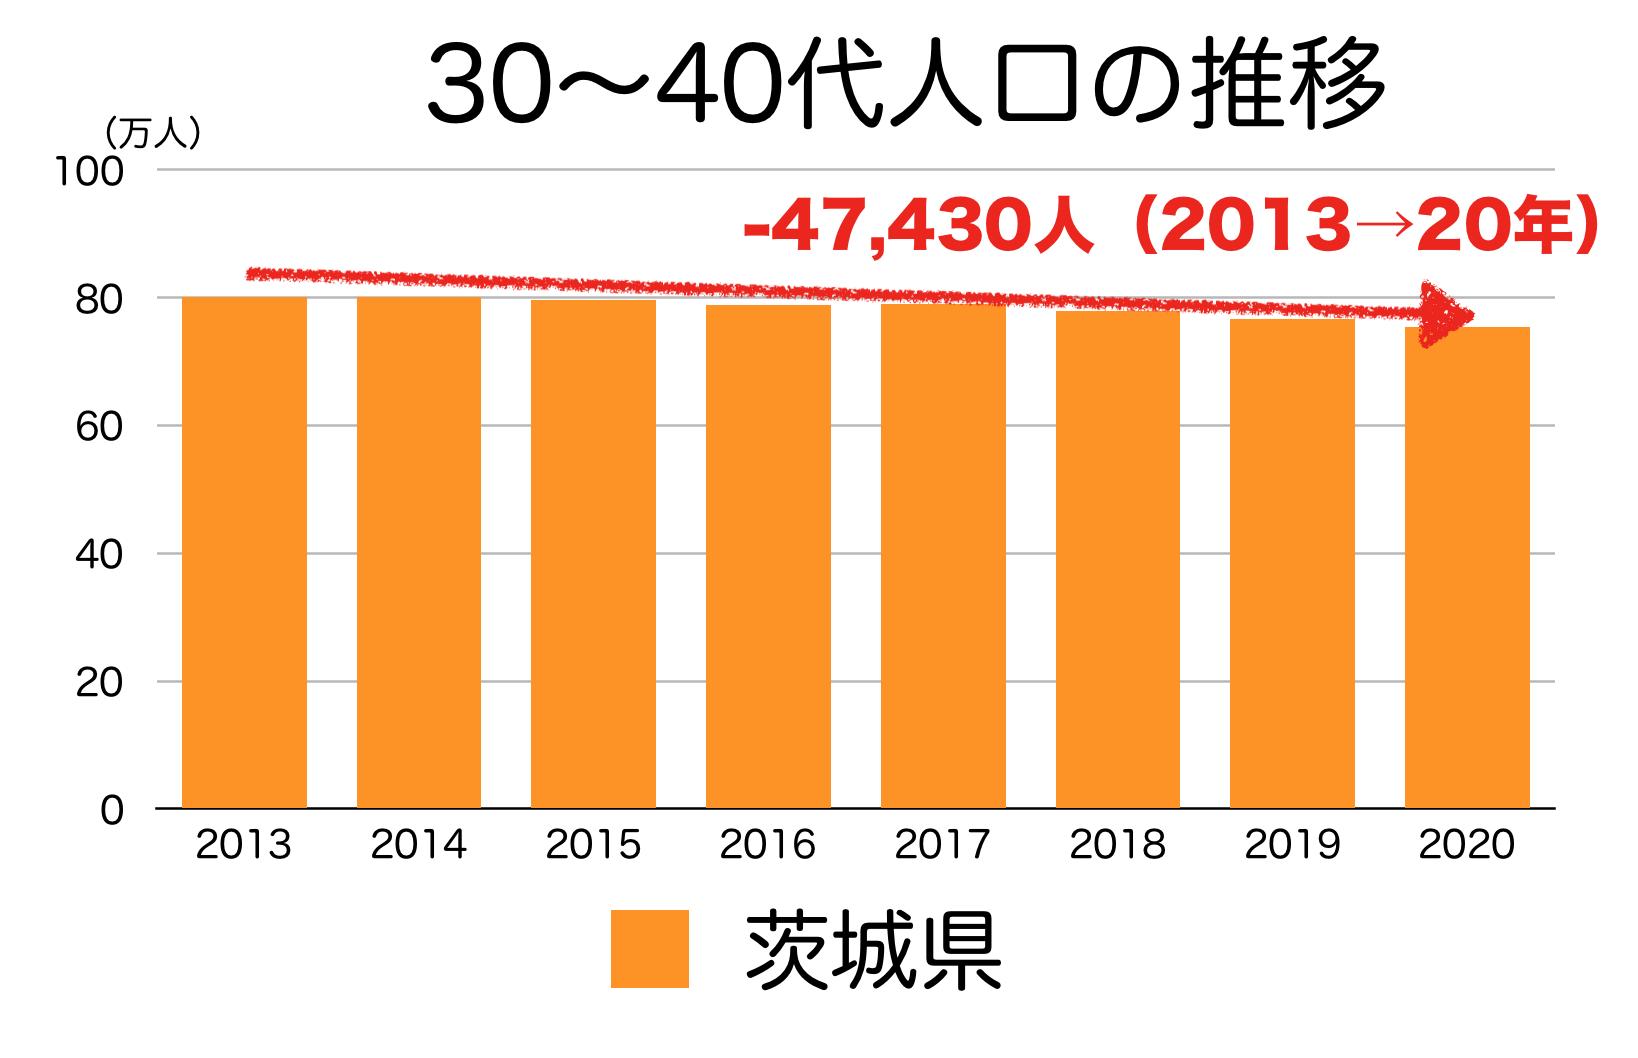 茨城県の30〜40代人口の推移